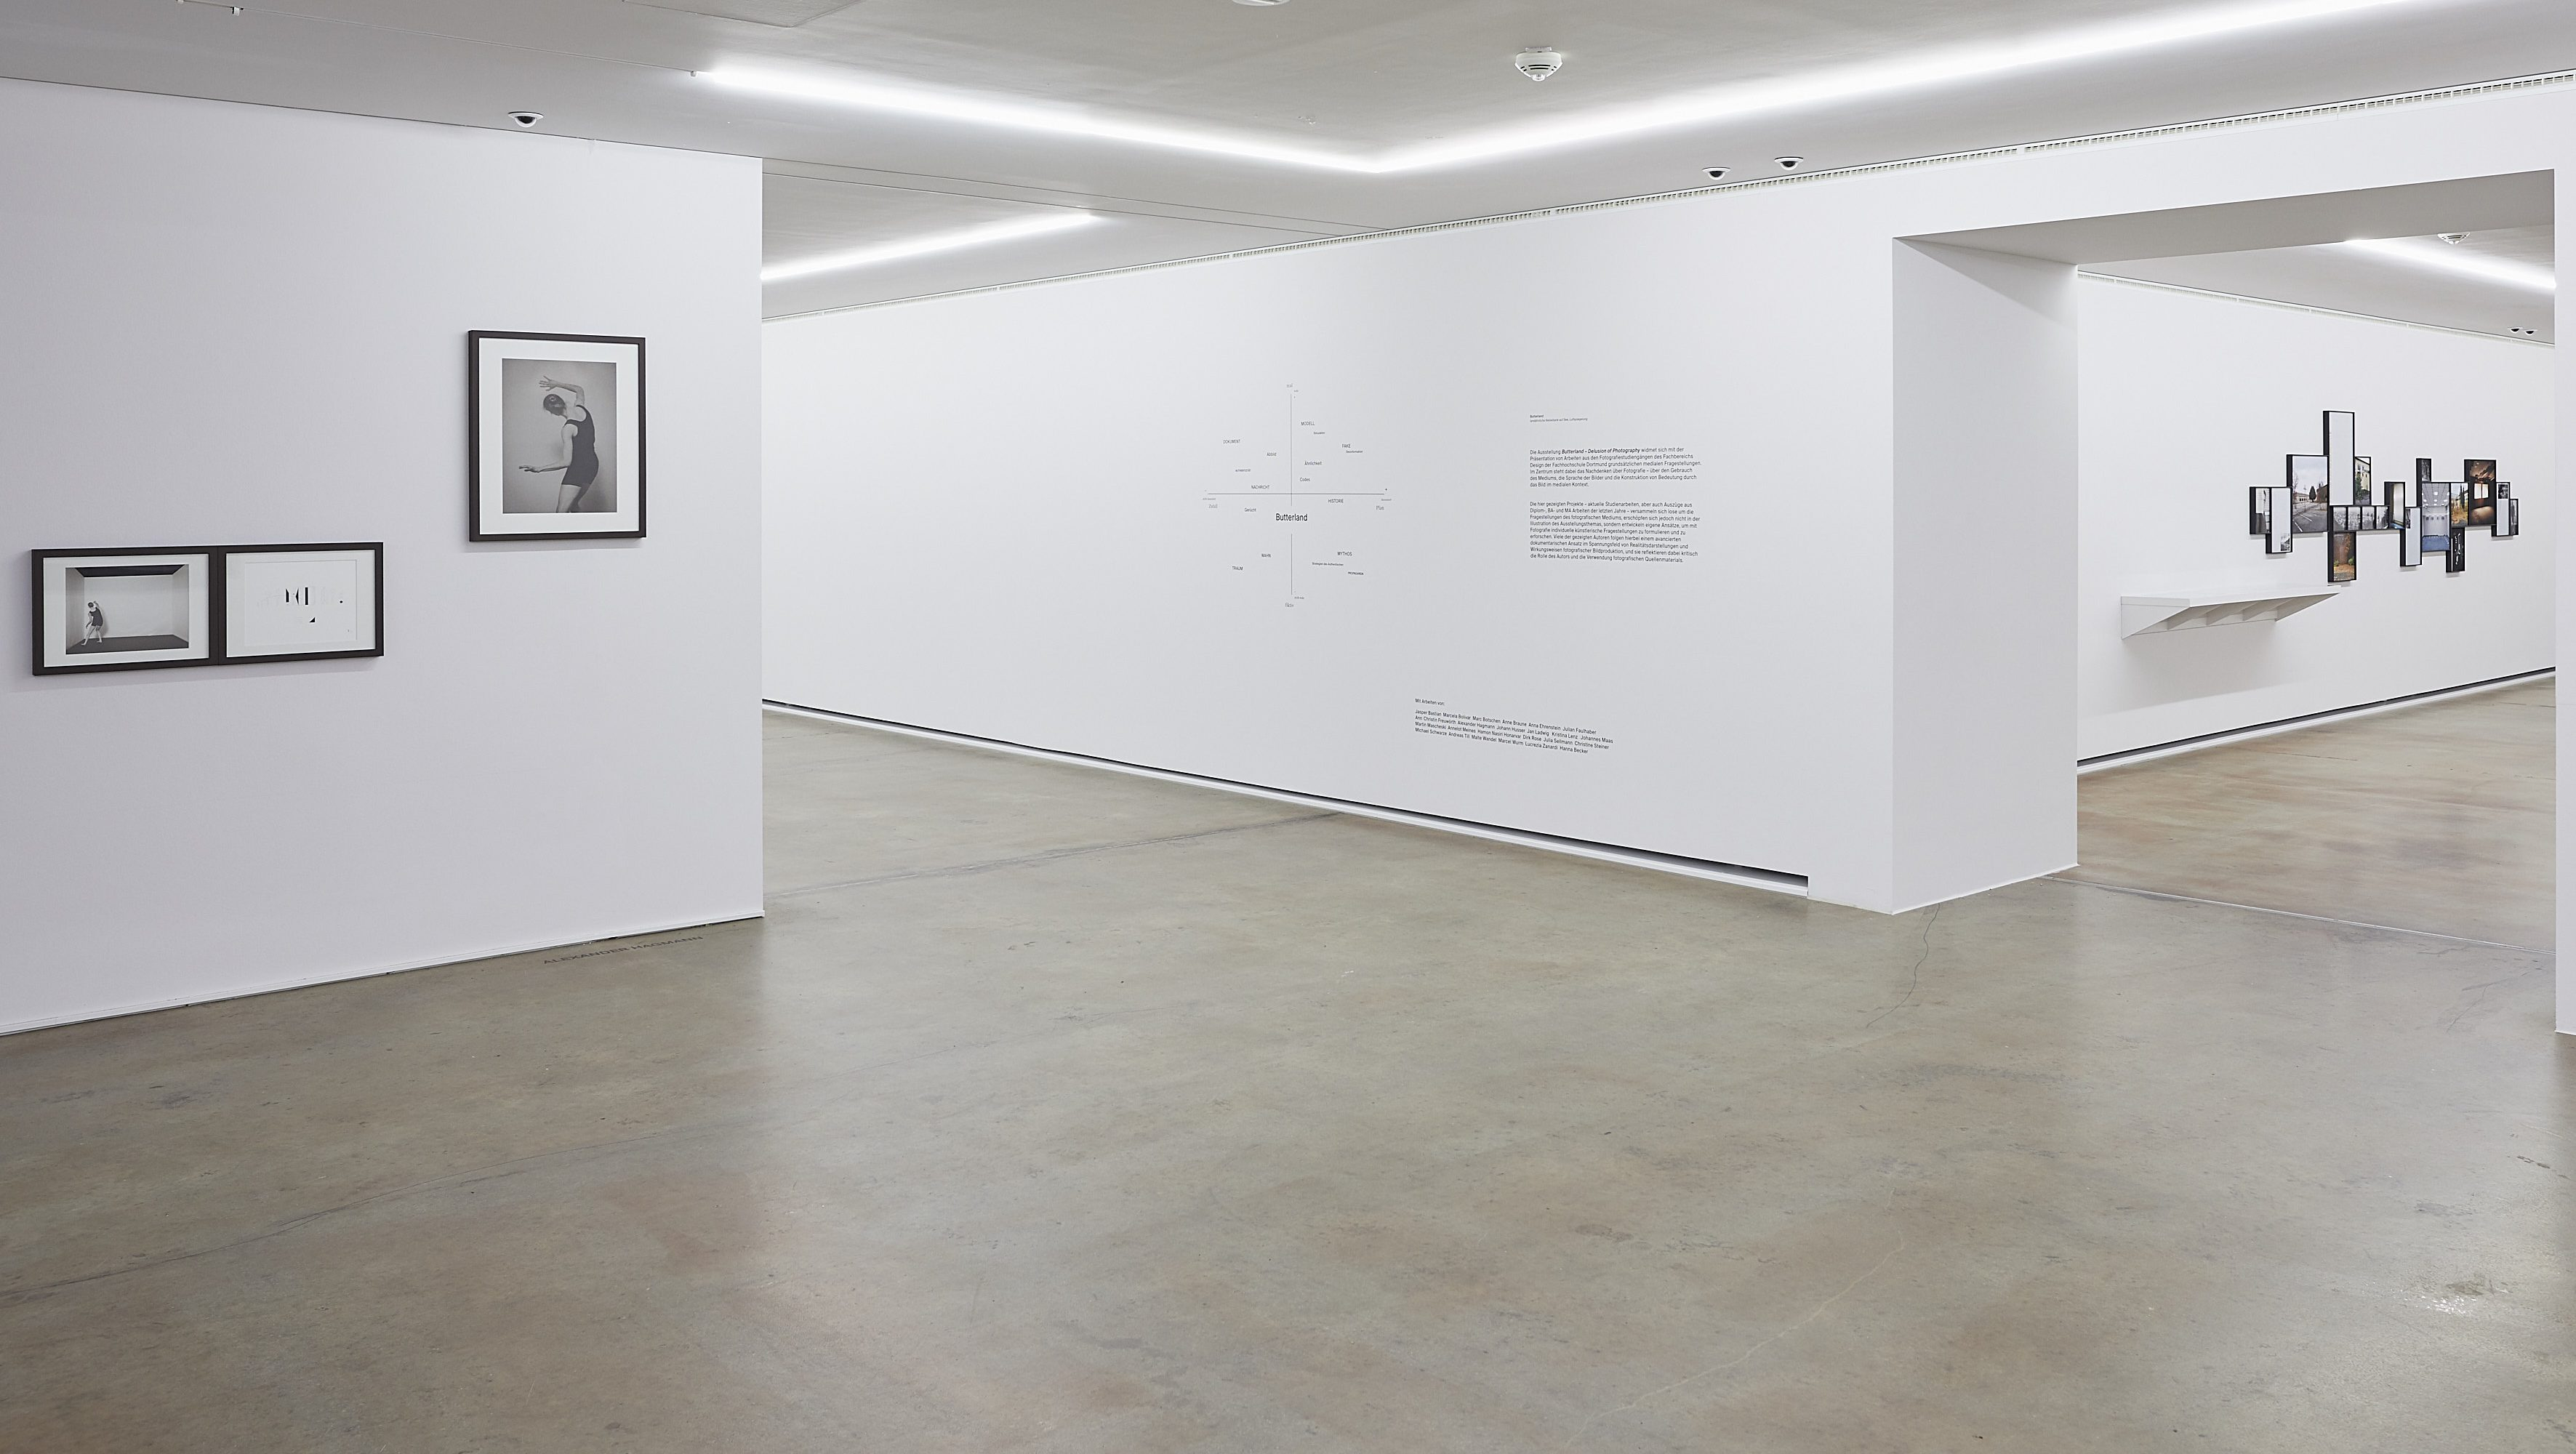 Raumansicht mit Arbeiten von Alexander Hagmann, Andreas Till und Ausstellungsbeschreibung